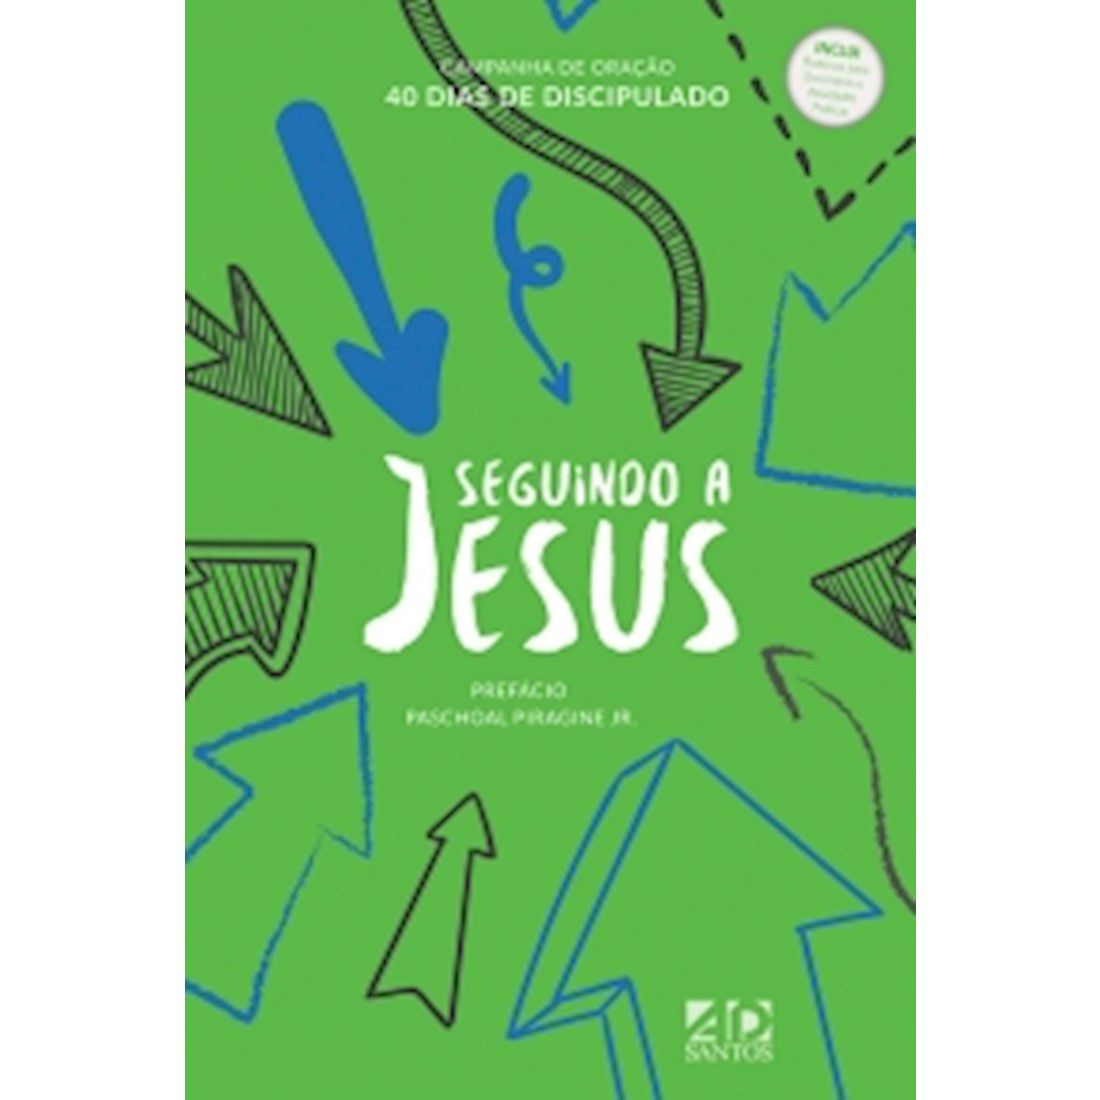 Livro Seguindo a Jesus - Capa Verde